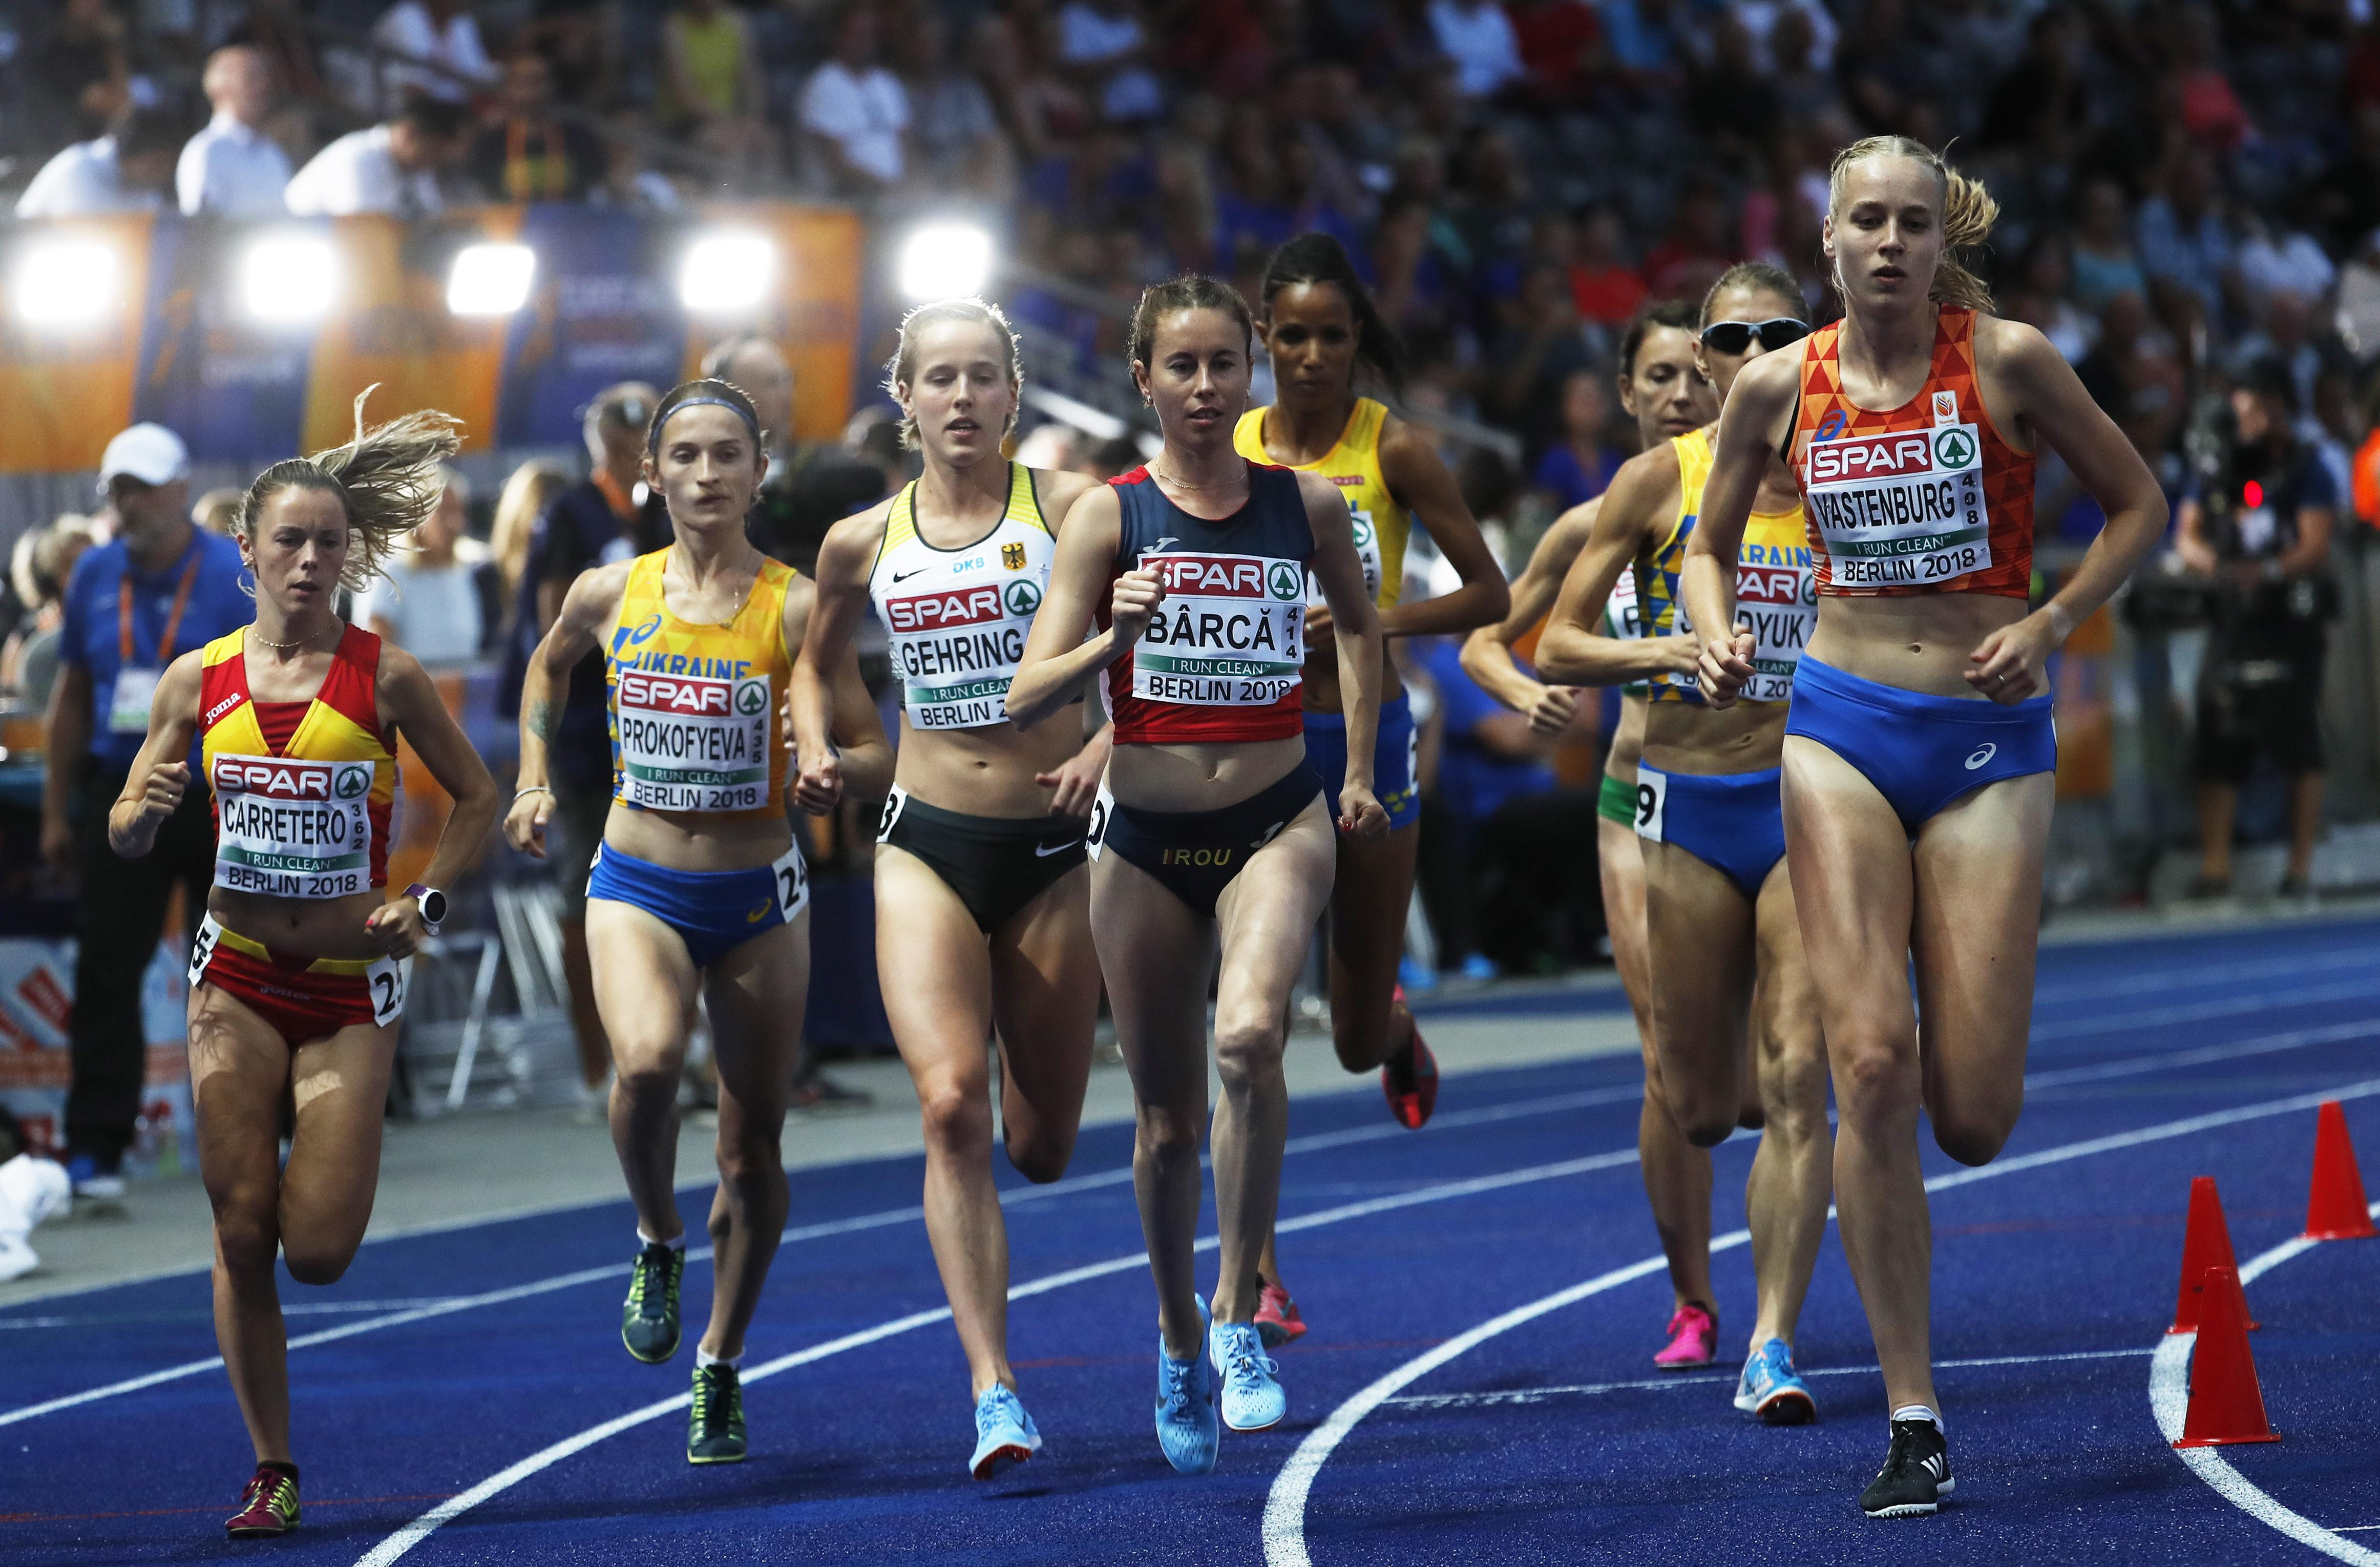 Loosdrechtse Jip Vastenburg houdt ook na teleurstellend marathondebuut vast aan Olympische droom:'Ik laat me hierdoor niet ontmoedigen'